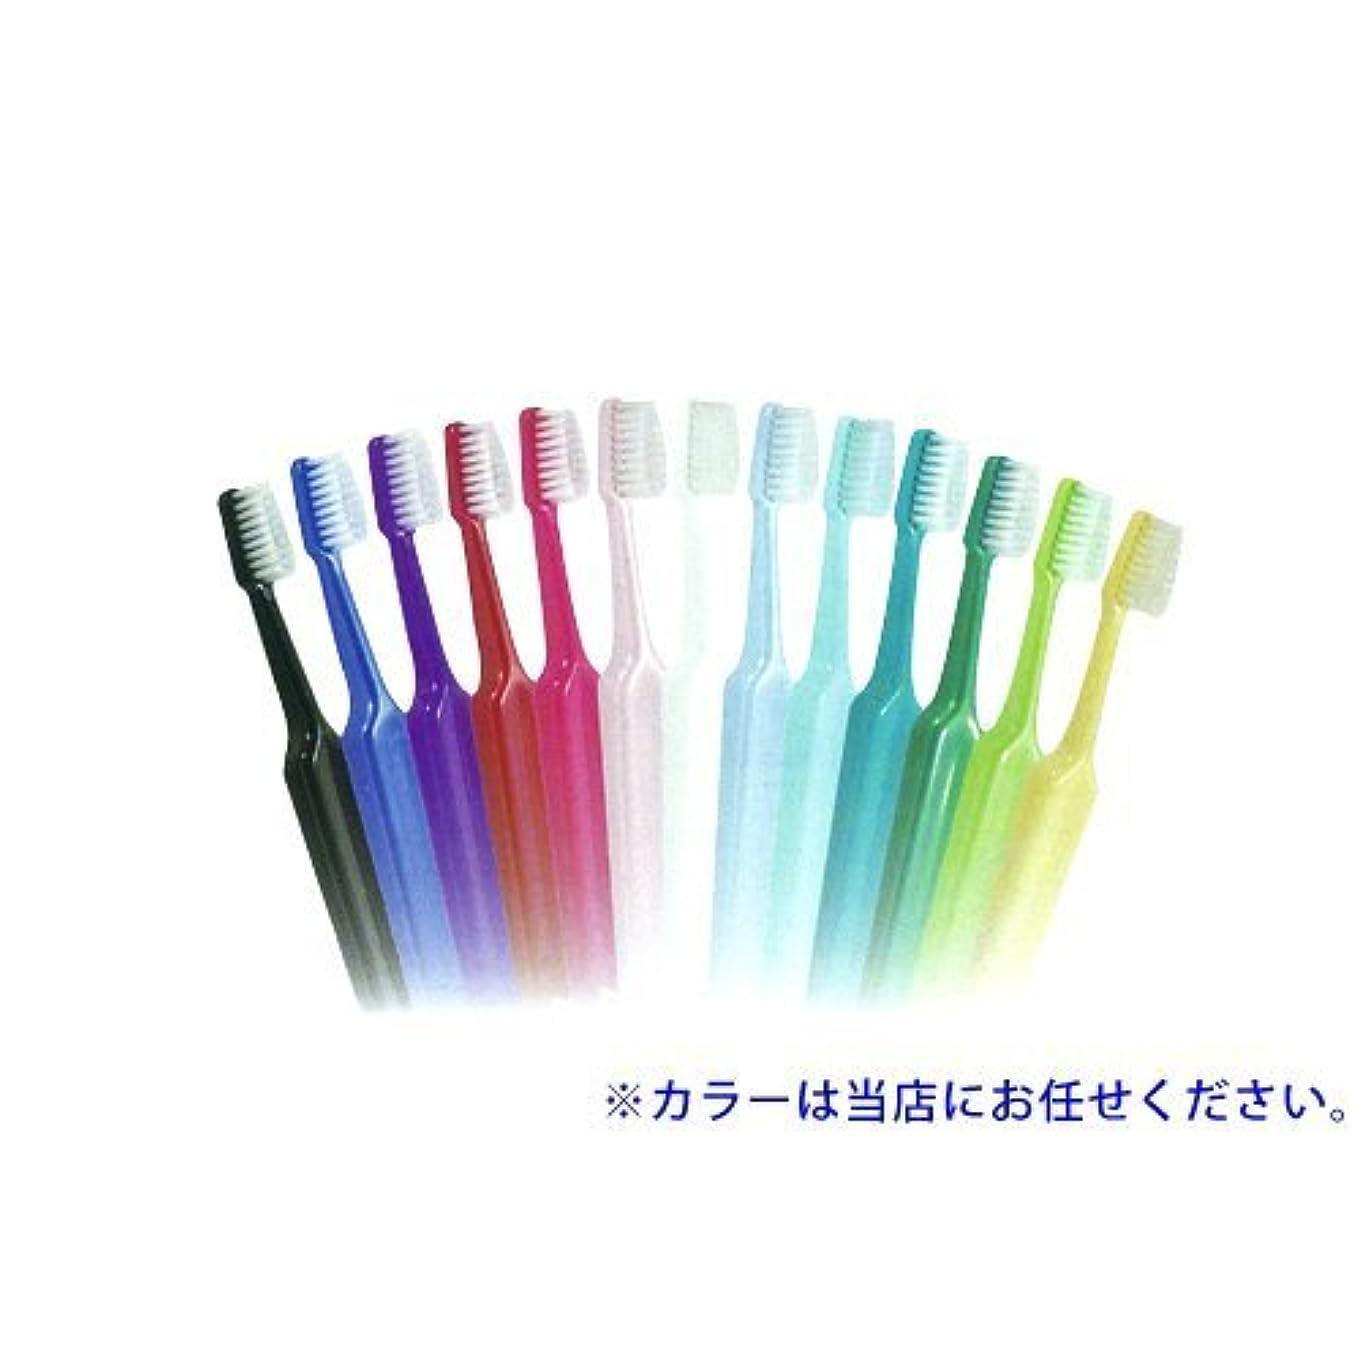 呼吸するスコアシネマTepe歯ブラシ セレクトミニ/ソフト 25本/箱